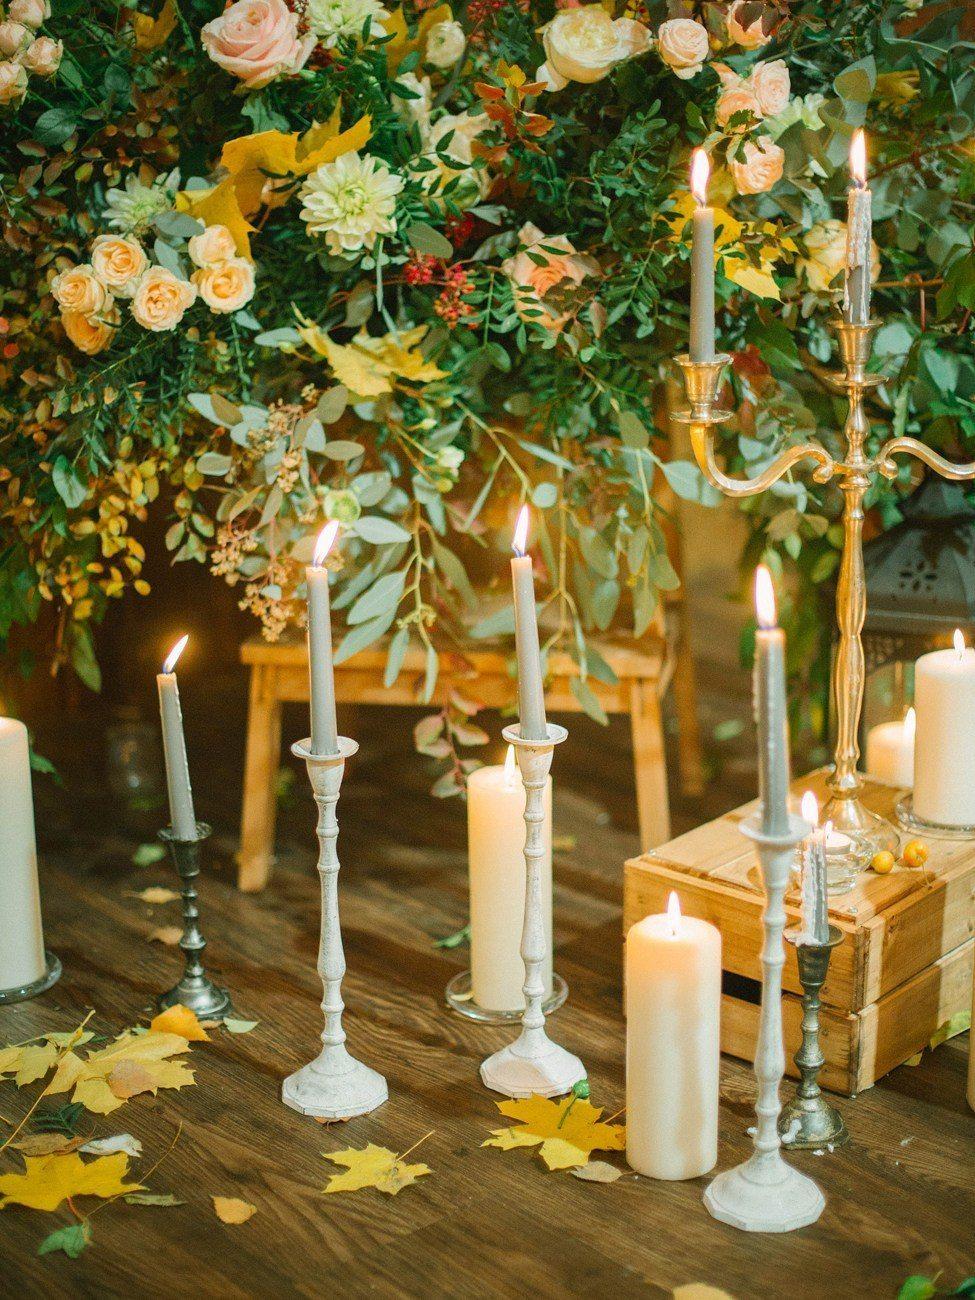 Декор осенней свадьбы: 5 главных деталей